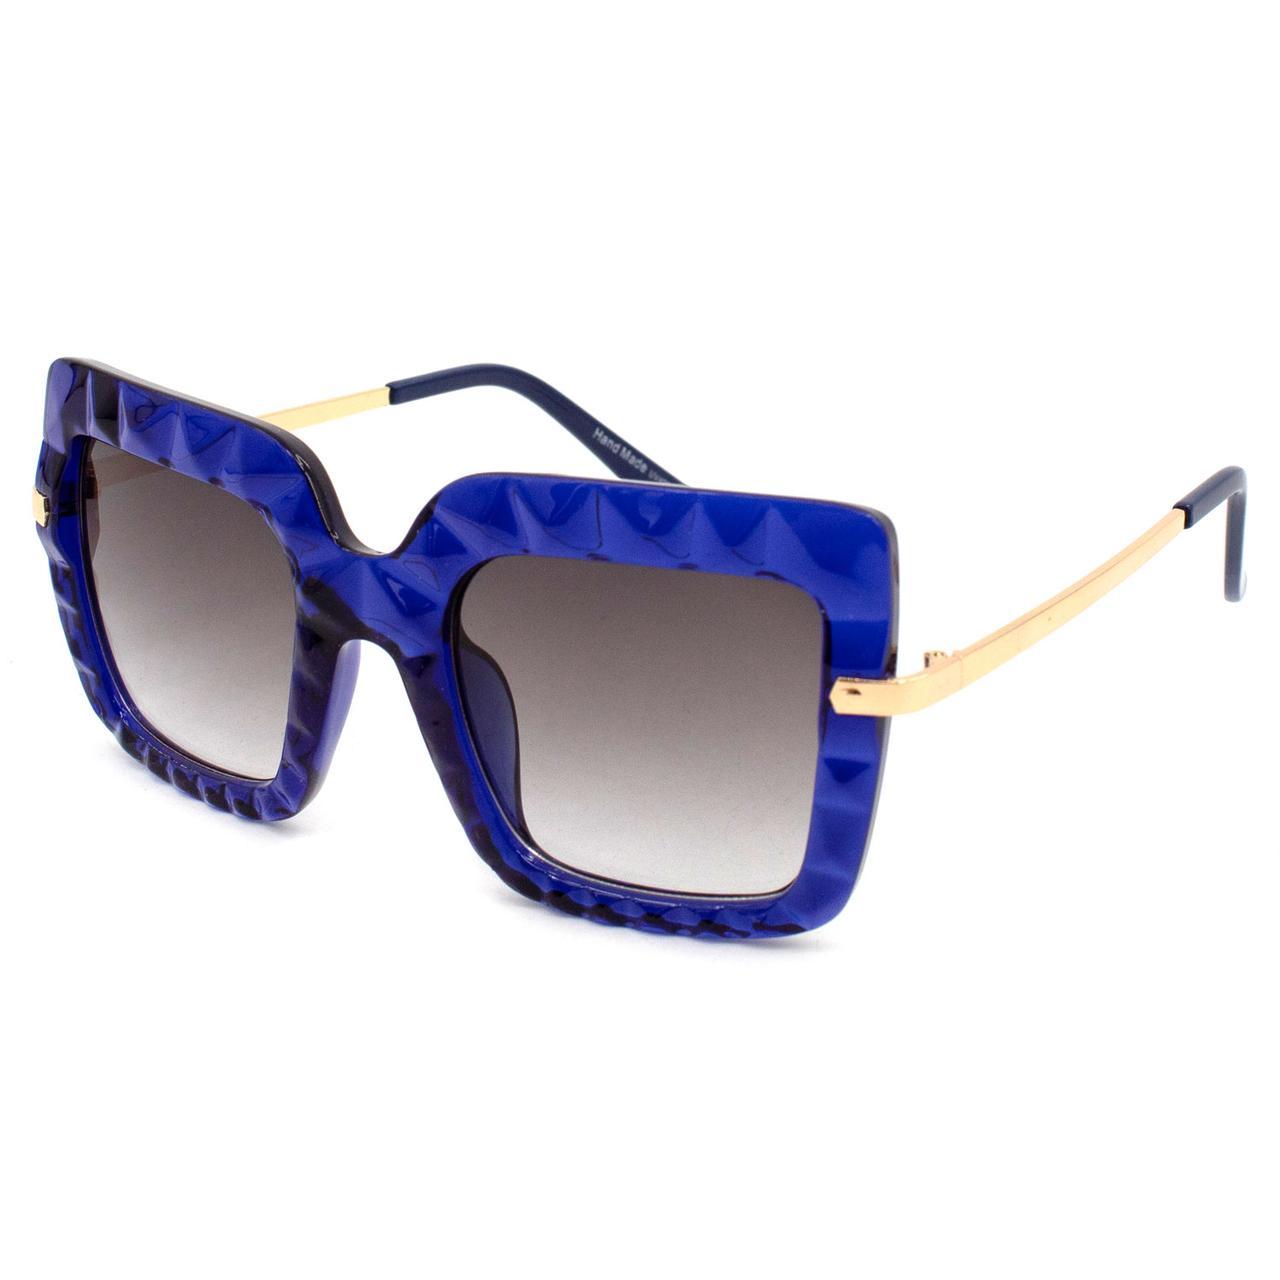 Солнцезащитные очки Marmilen 95504 C2 синие     ( 95504-02 )